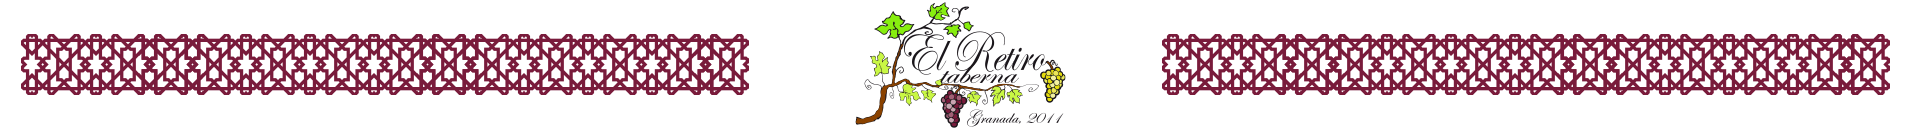 El Retiro Taberna Logo